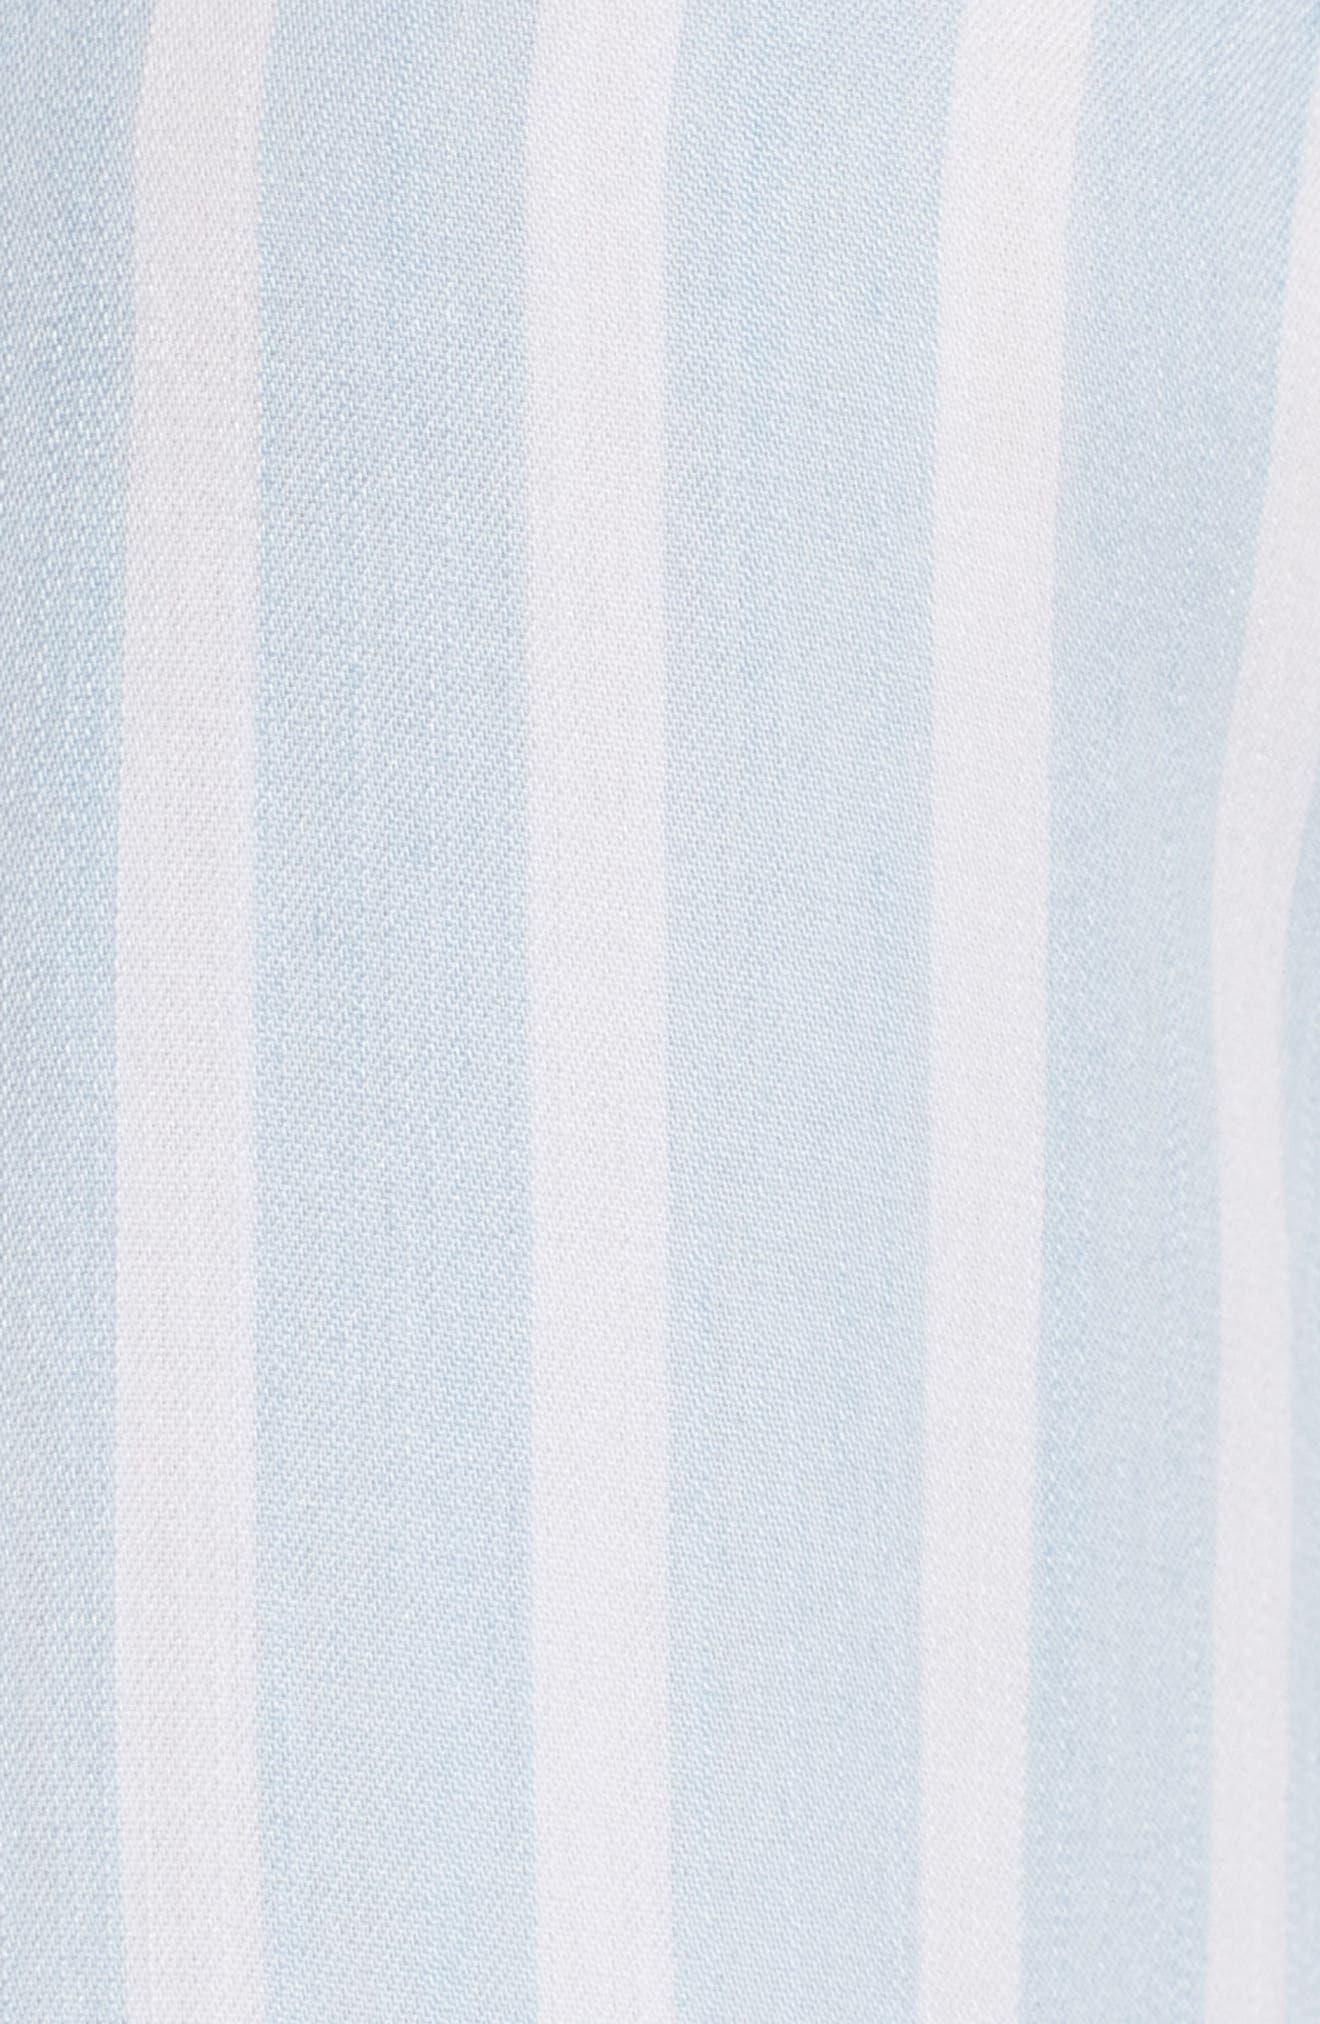 Nora Stripe Dress,                             Alternate thumbnail 6, color,                             Hampshire Stripe